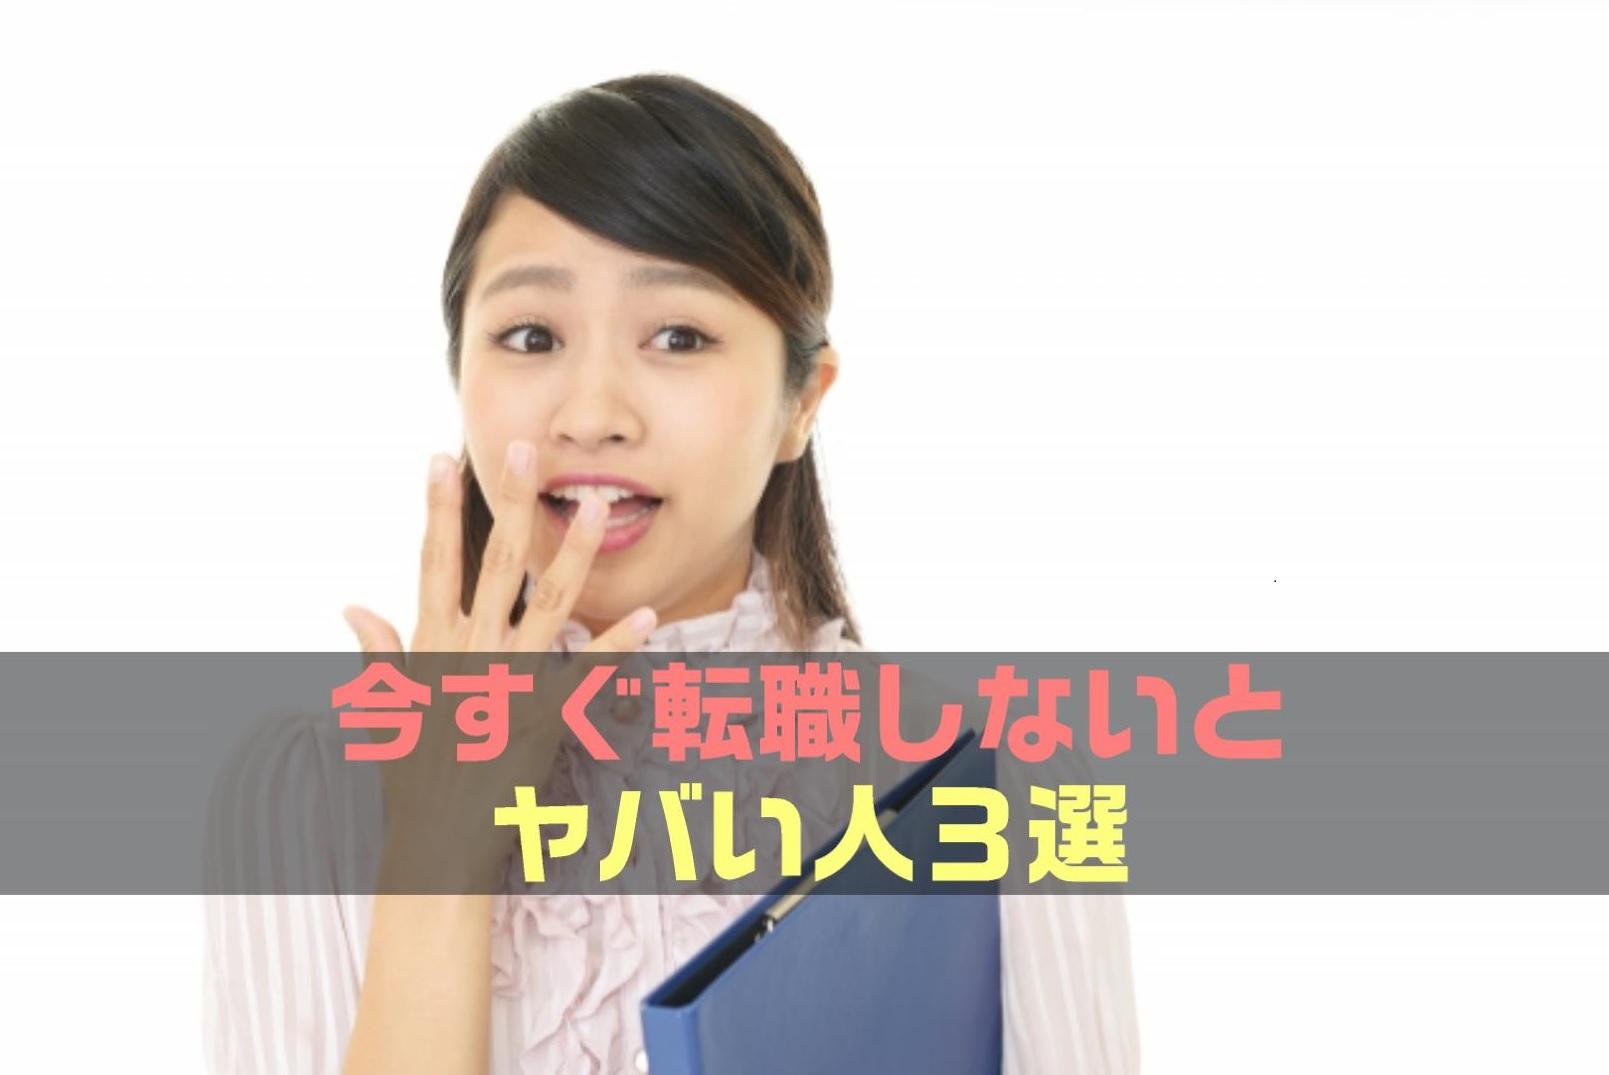 【保存版】今すぐ転職しないとヤバイ人3選